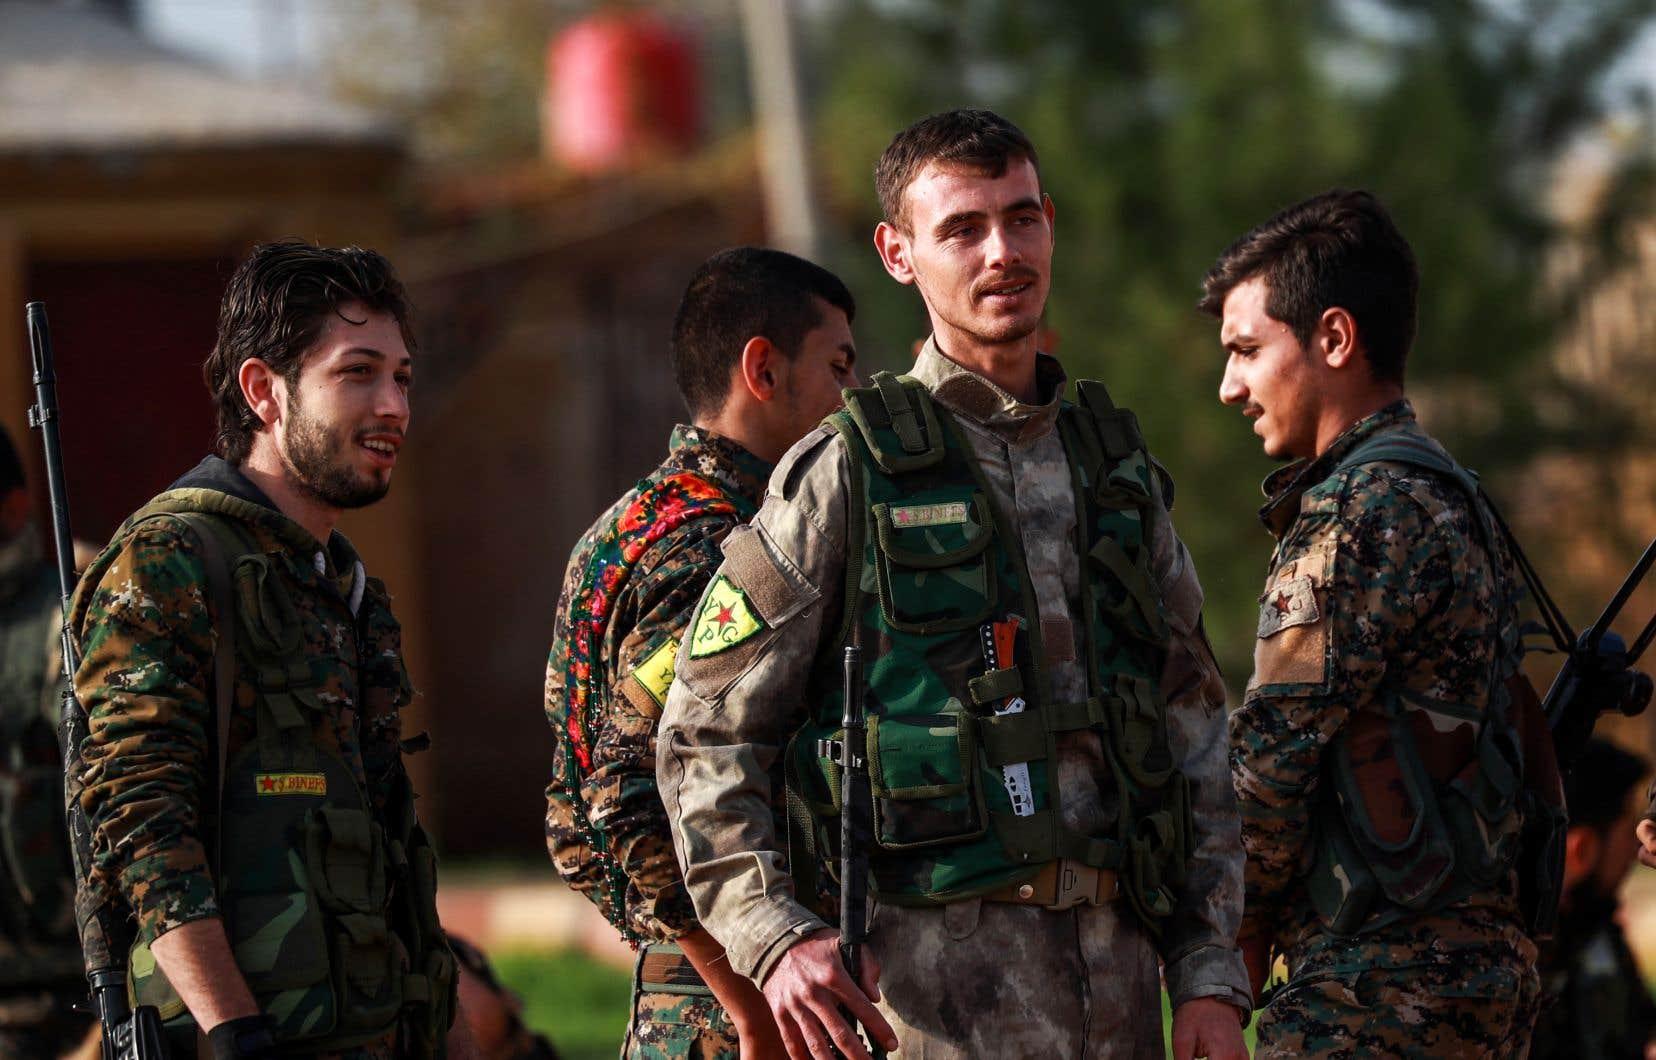 Ankara menace depuis plusieurs semaines de déclencher une nouvelle offensive contre les Unités de protection du peuple,un groupe armé kurde considéré comme «terroriste» par la Turquie, mais appuyé par les États-Unis dans la lutte contre le groupe armé État islamique.